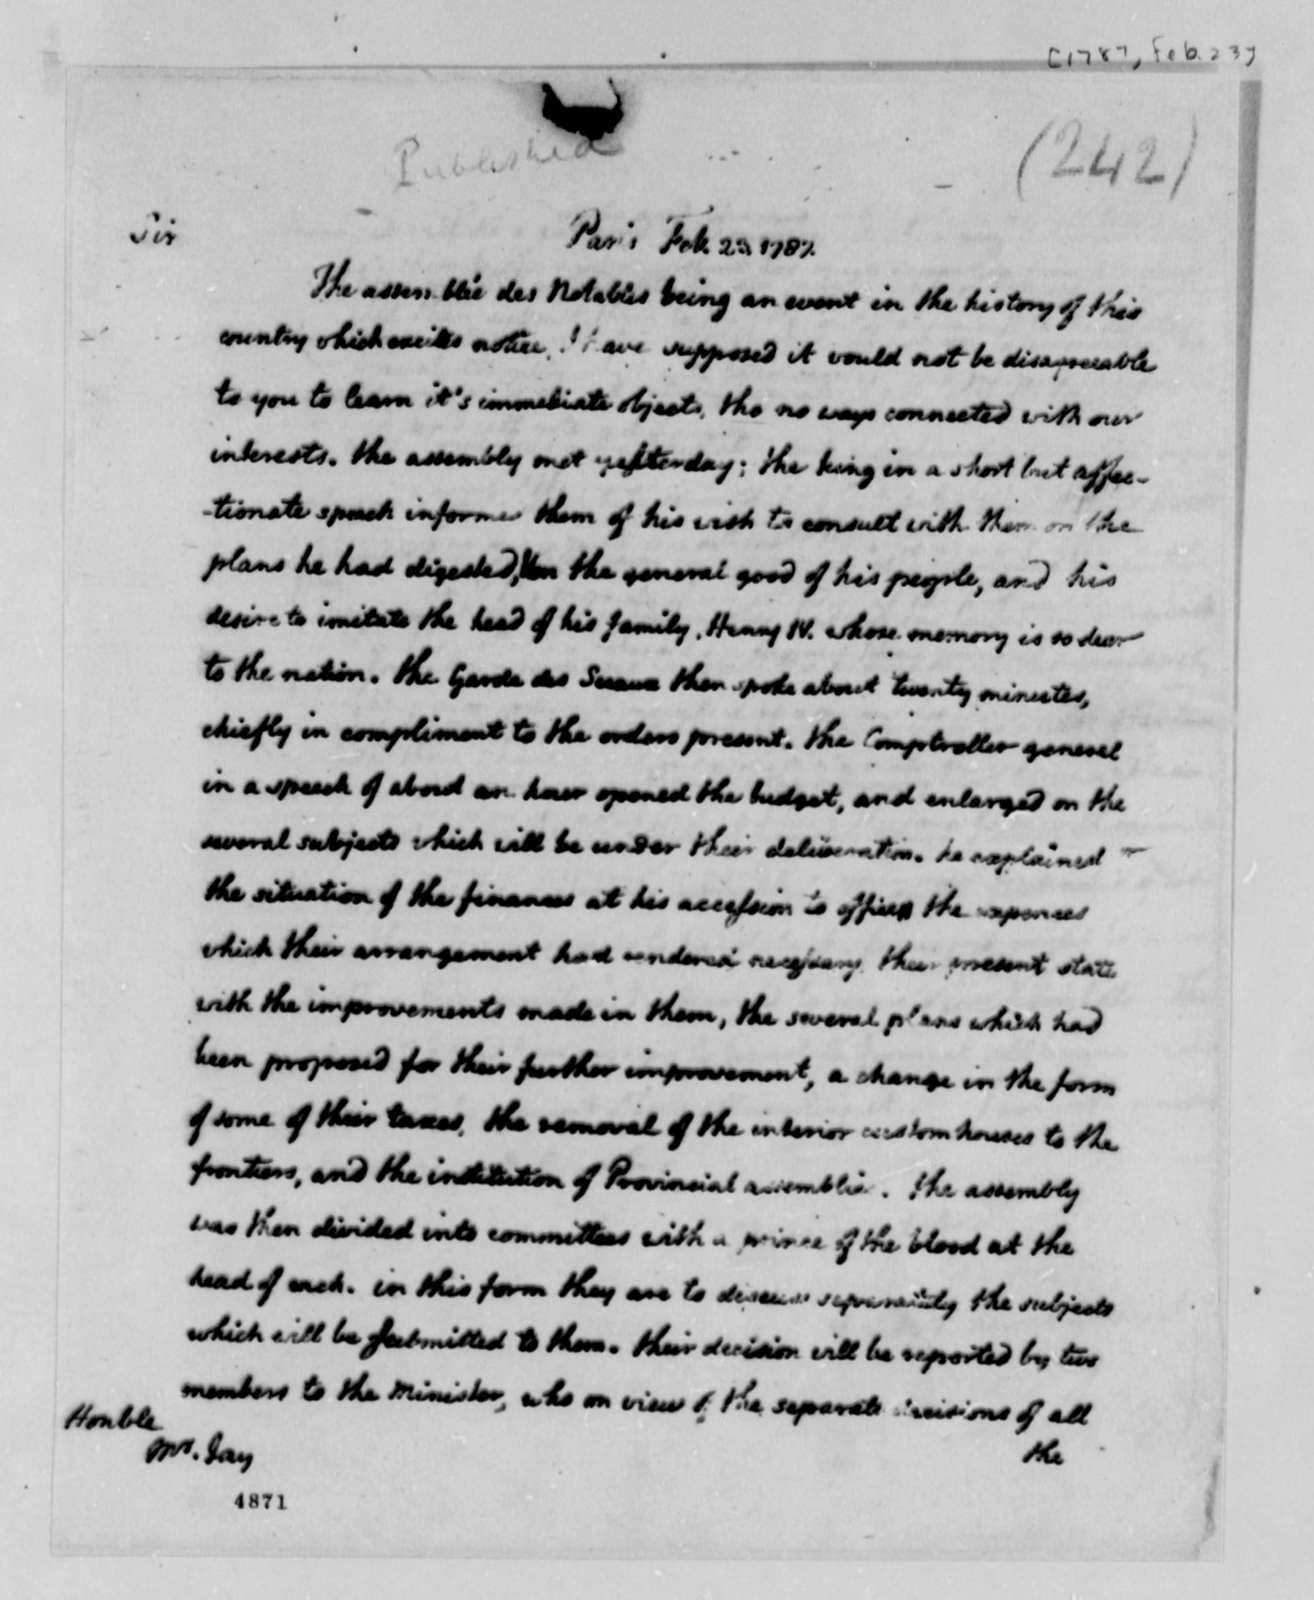 Thomas Jefferson to John Jay, February 23, 1787